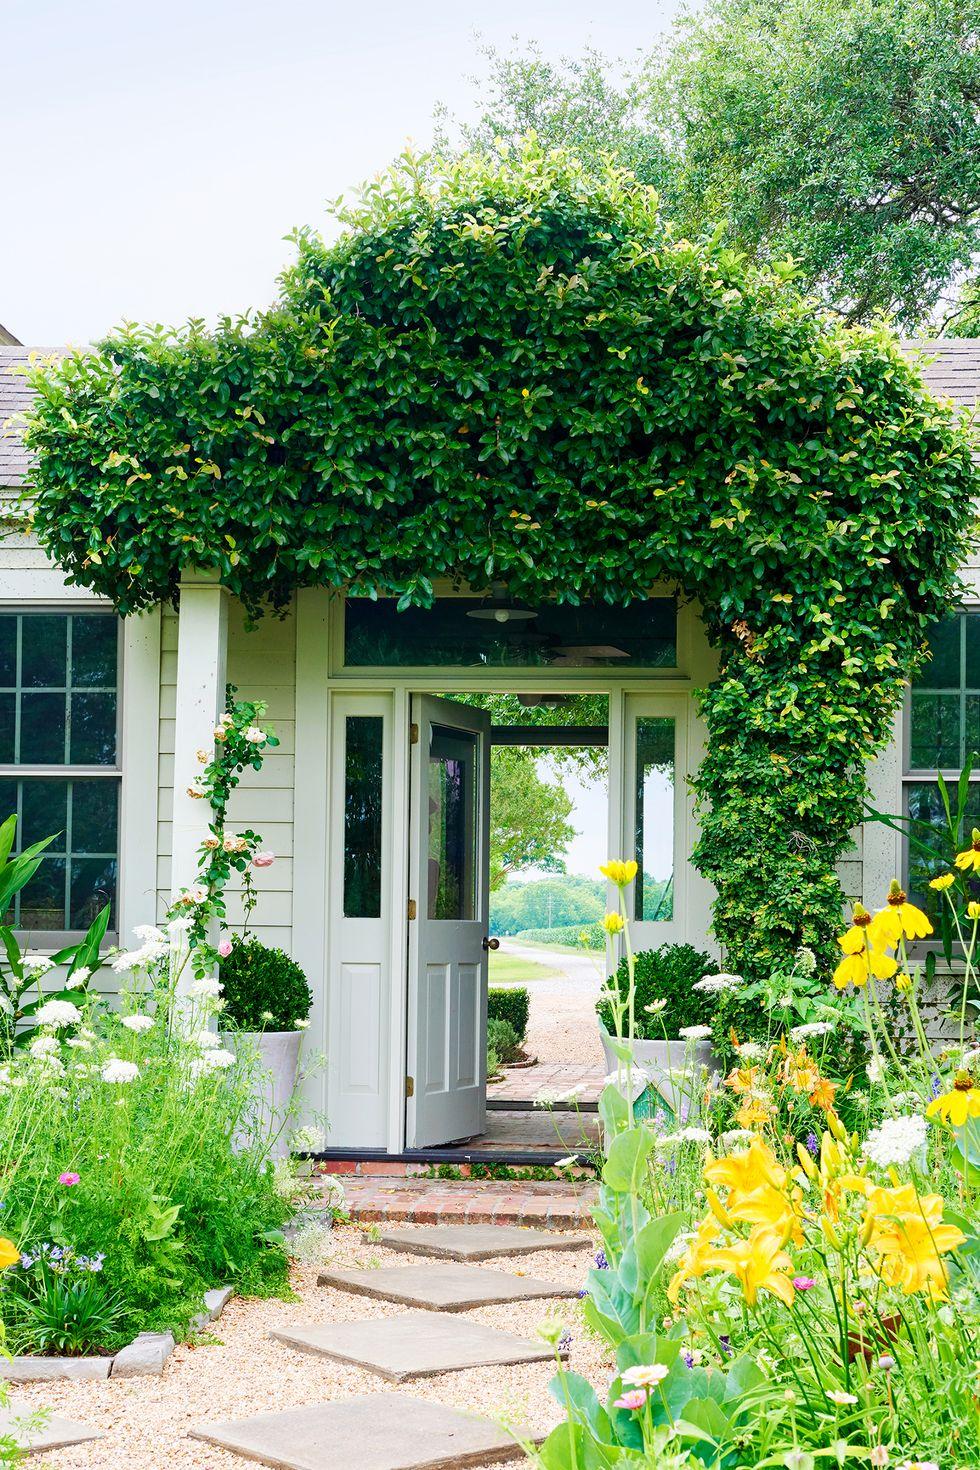 Xem xét một Breezeway Nhìn từ bên ngoài, hàng rào xanh mướt này - giống như một căn phòng cắm hoa và được thiết kế bởi Rebecca Vizard - gây ấn tượng mạnh mẽ đầu tiên và những bông hoa trong vườn nổi bật trên con đường lát gạch và sỏi dẫn đến cửa trước. Để thực hiện điều này trong nhà riêng của bạn, hãy giữ nó ở mặt đất và chọn một không gian đi bộ có mái che một phần thay vì một mái hiên trên cao.